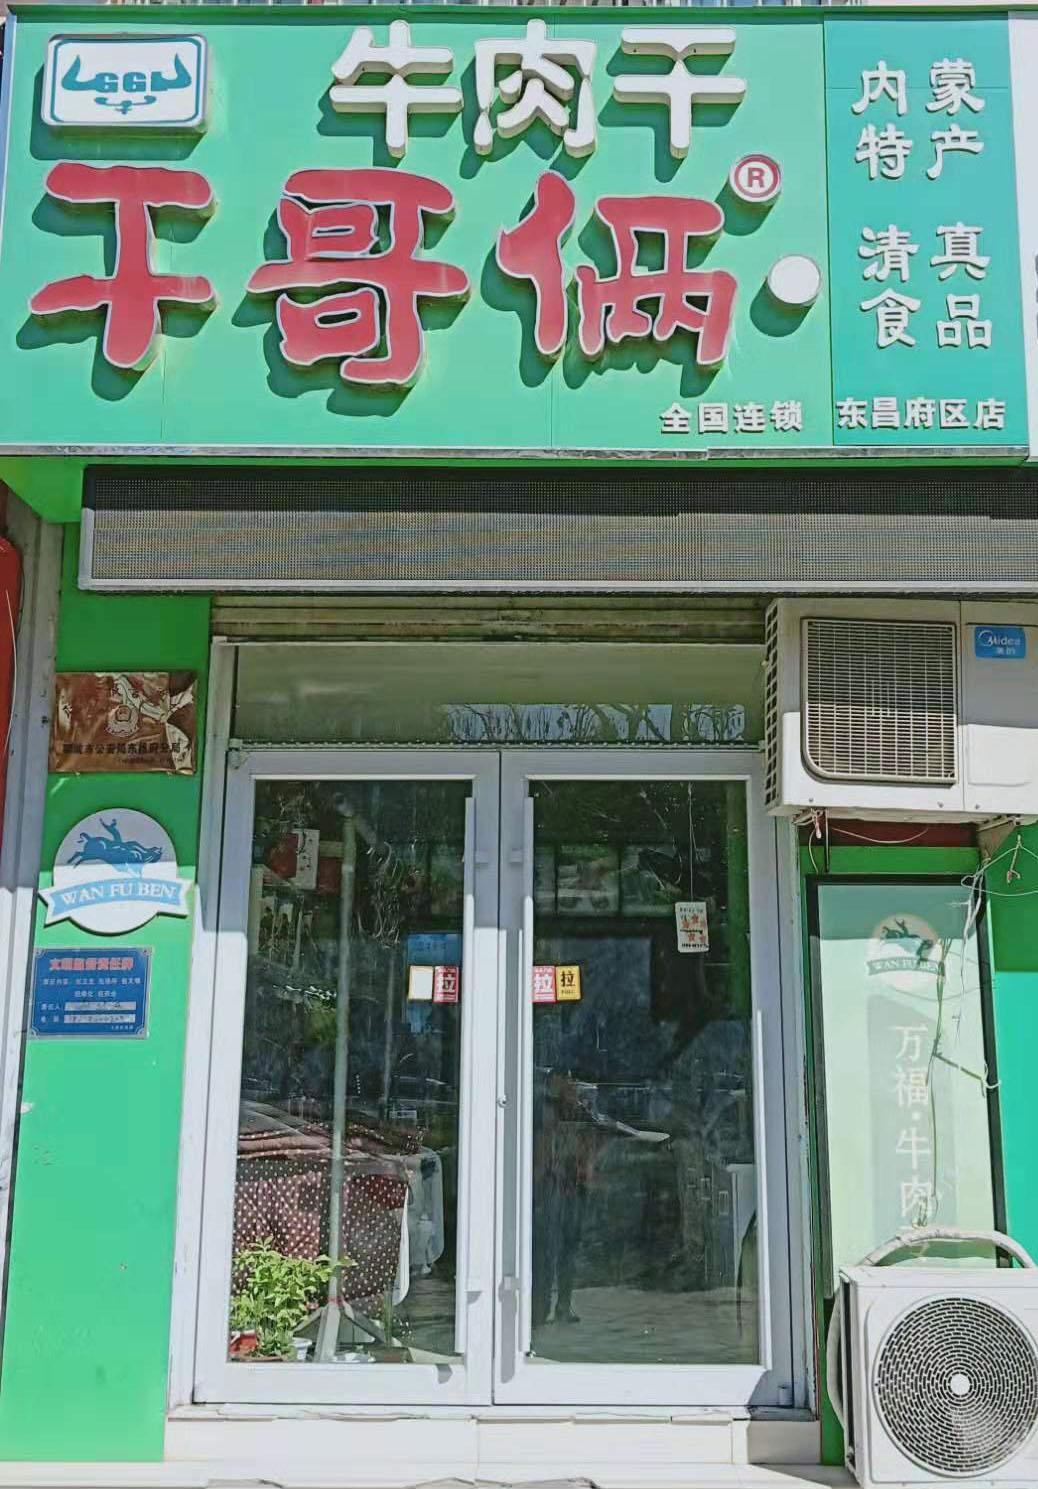 加盟连锁东昌府店